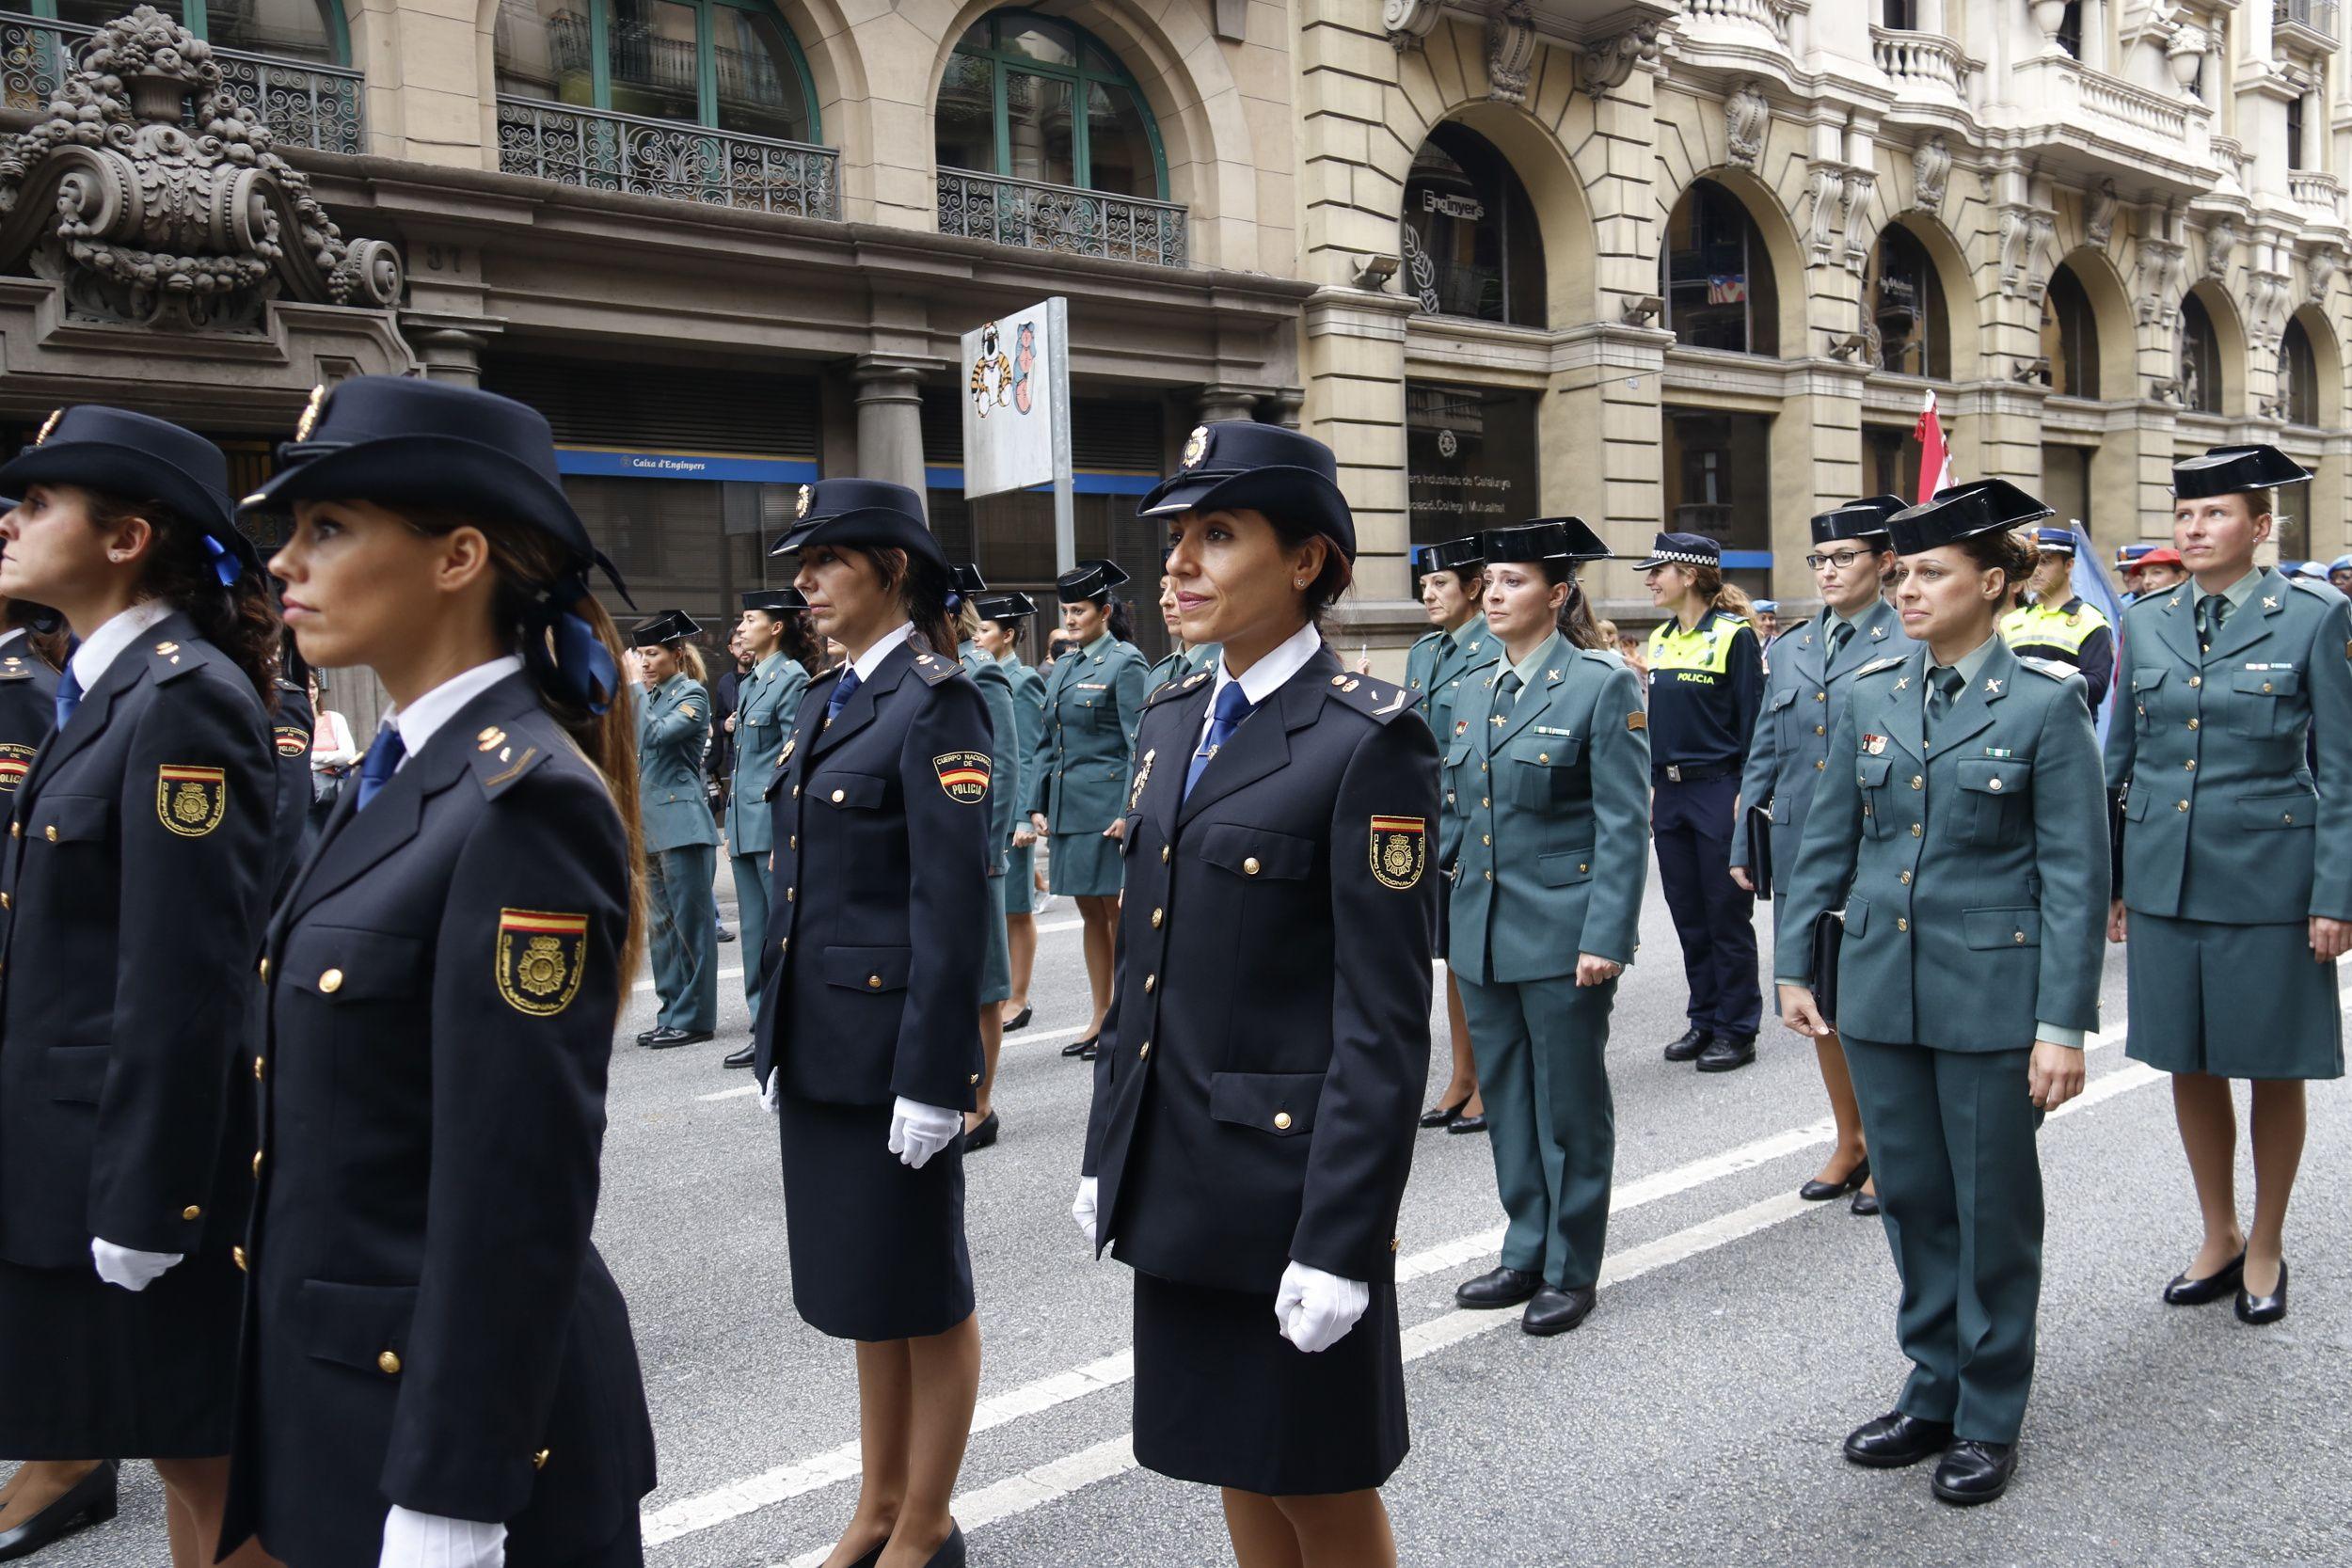 Espanya veta el viatge a Barcelona de dones policia per ser